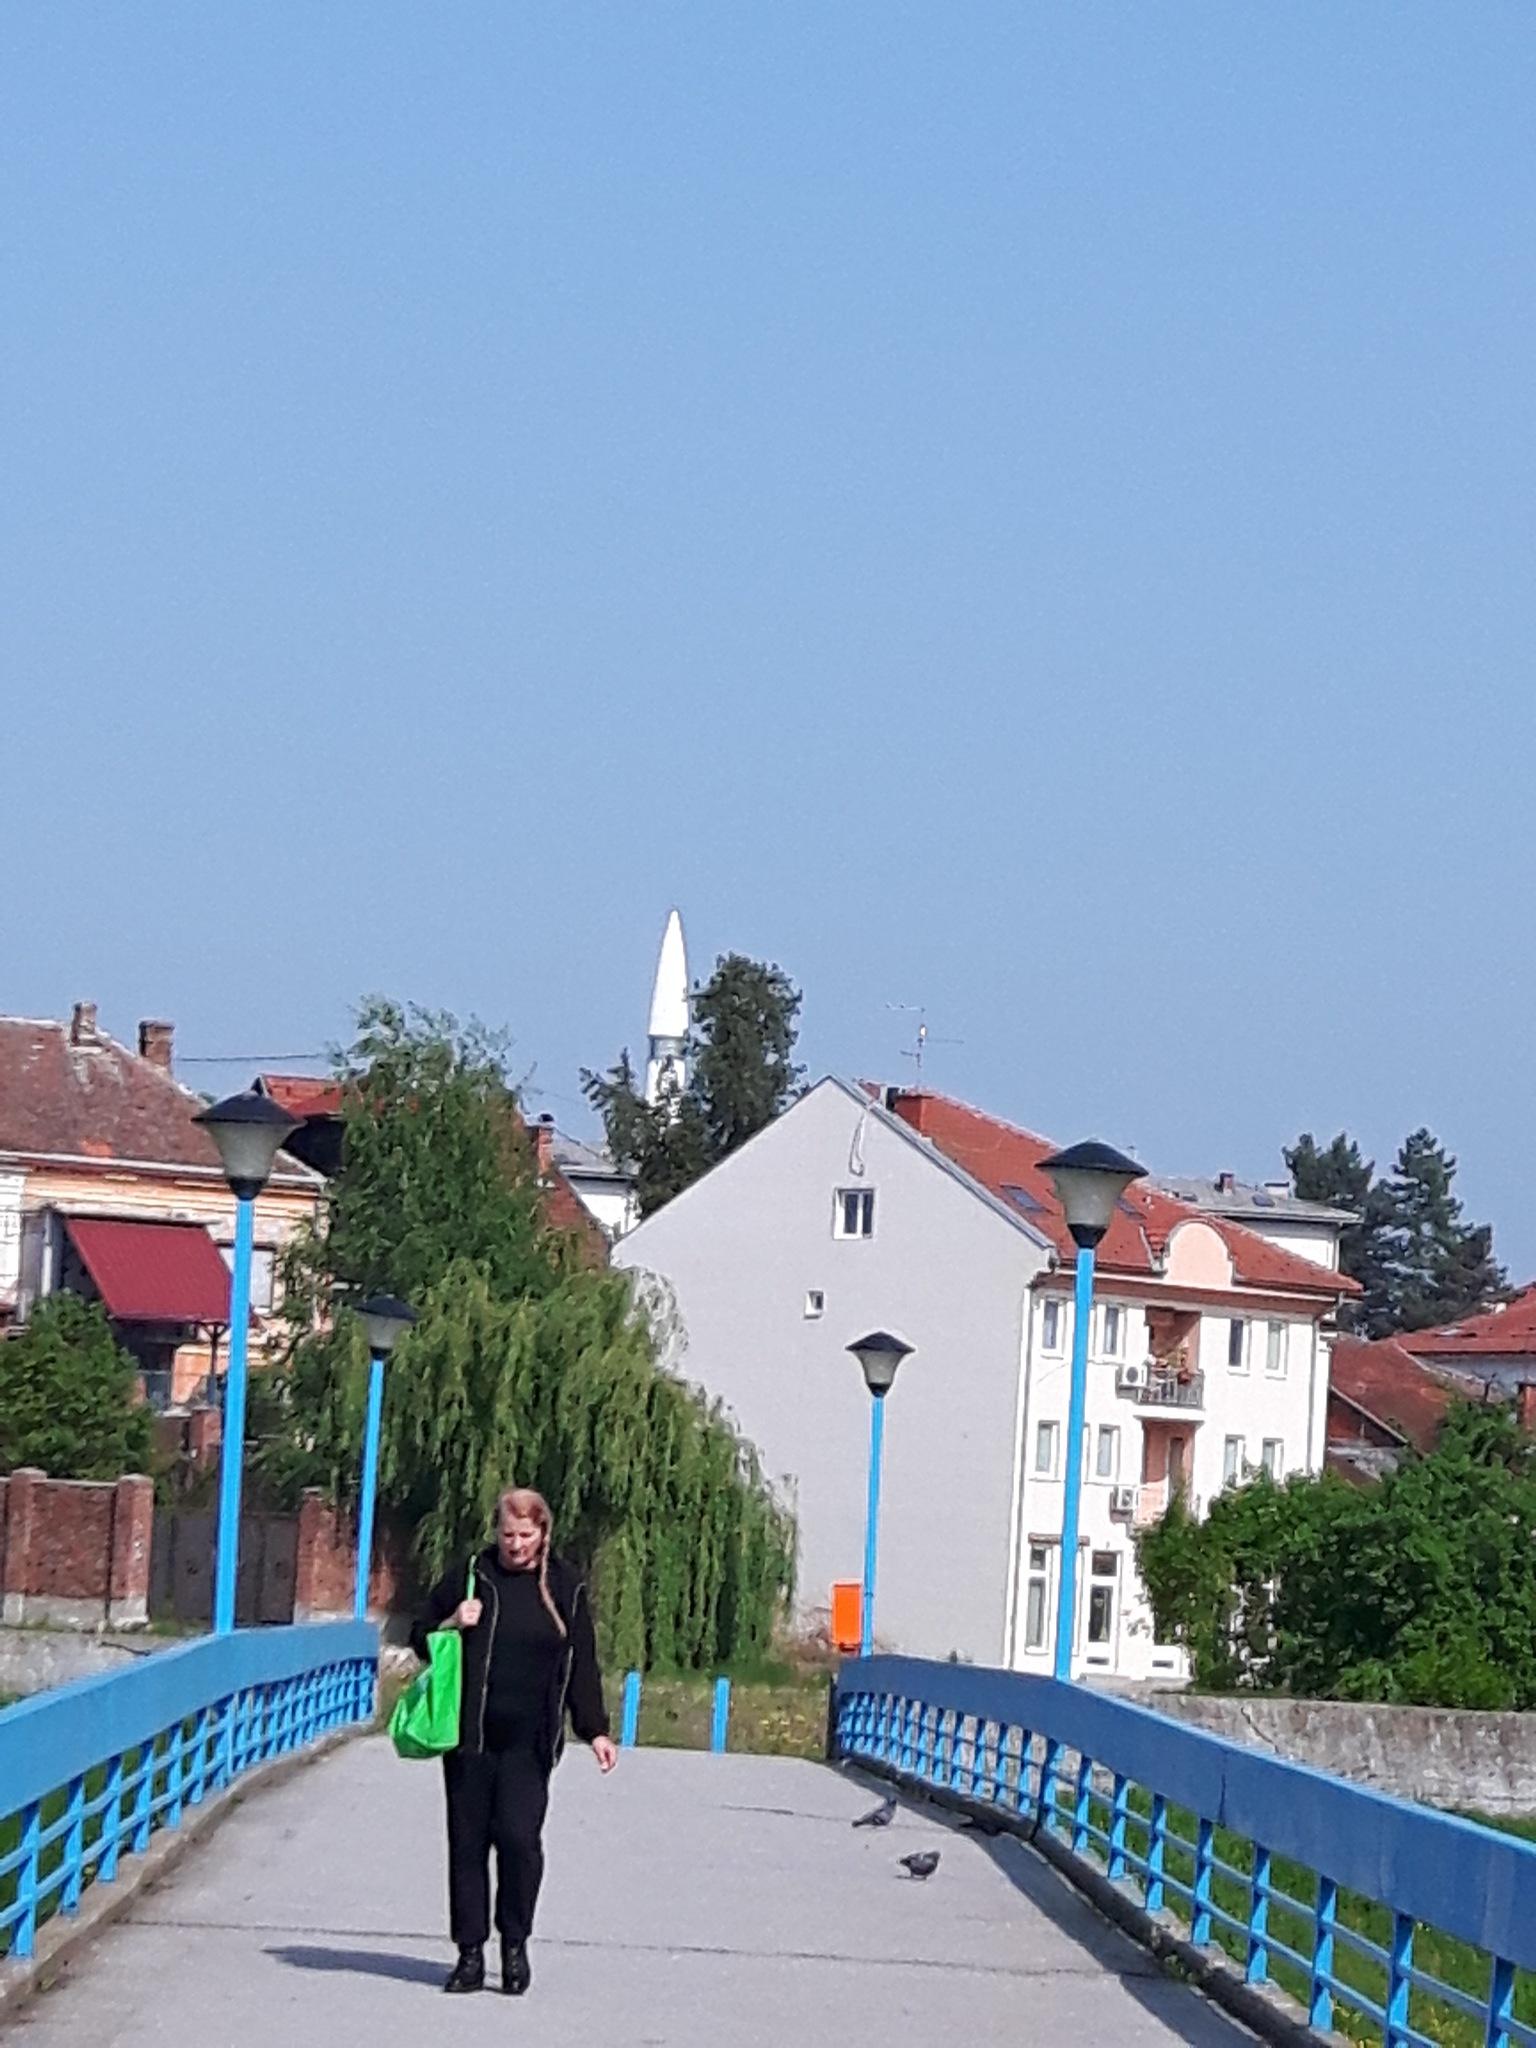 Ženski most na rijeci Brci/Female bridge over river Brka by Mevludin_Hasanovic